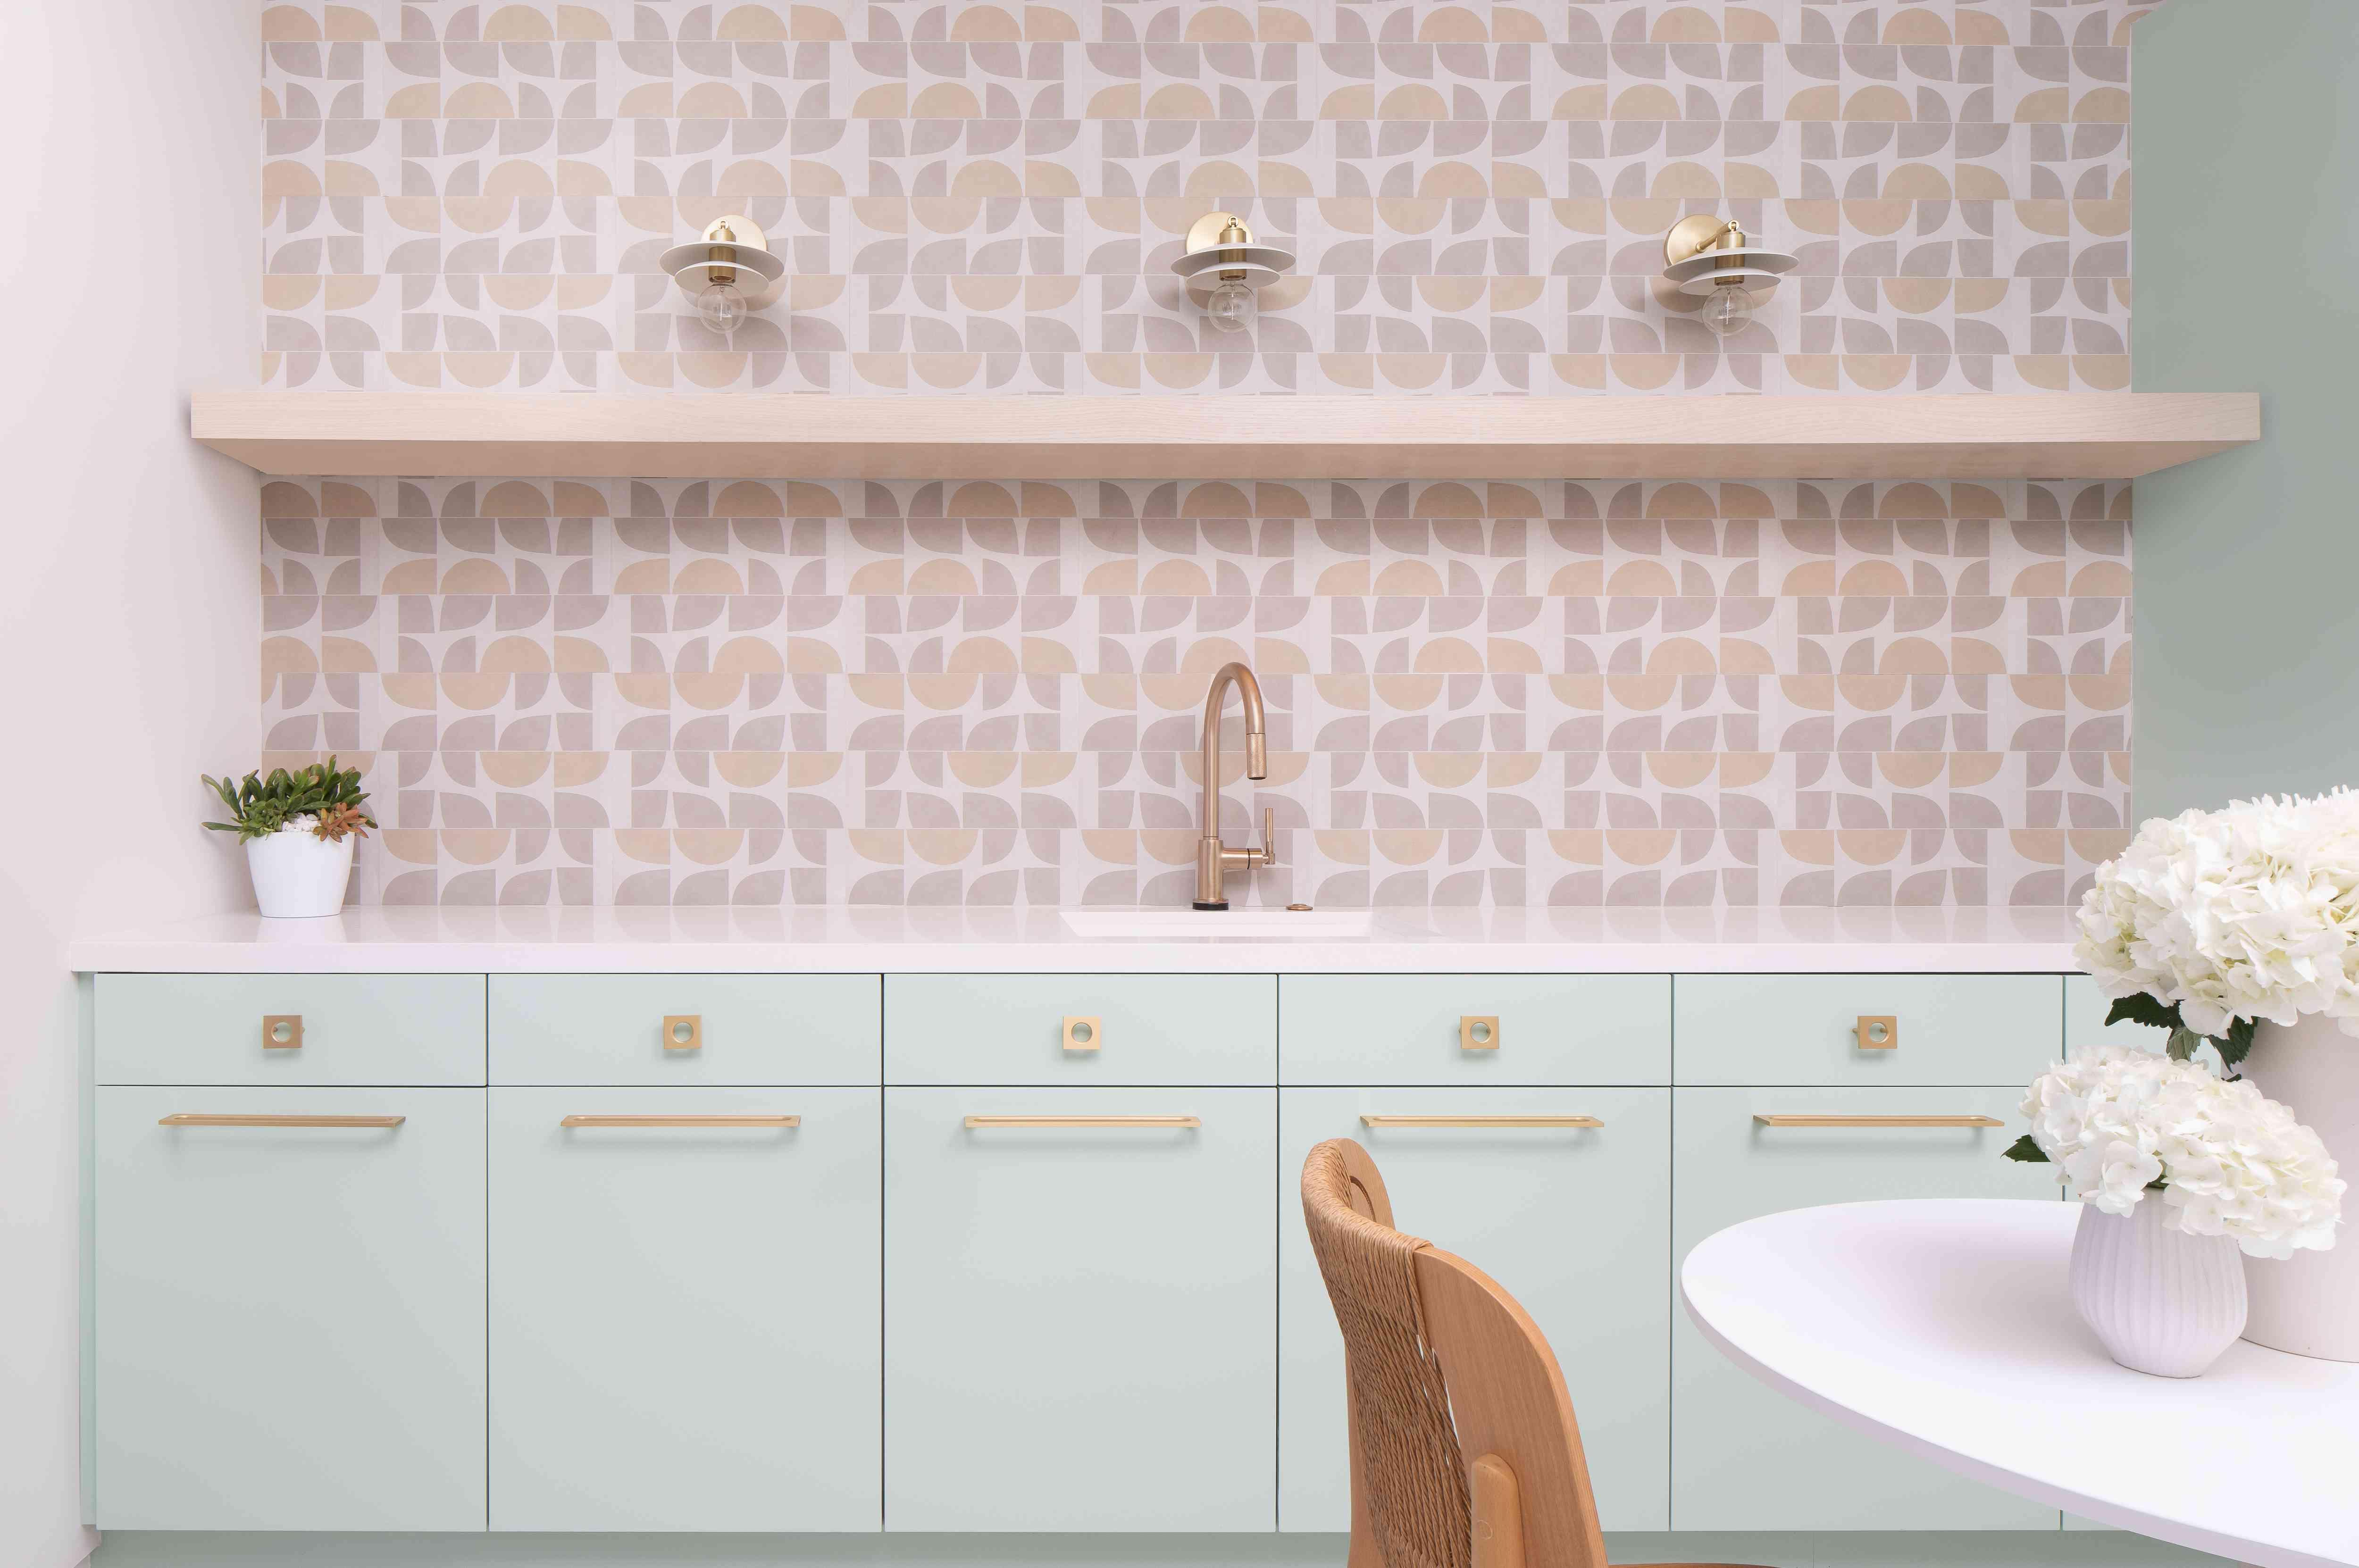 Mint green cabinets and pink tile backsplash.